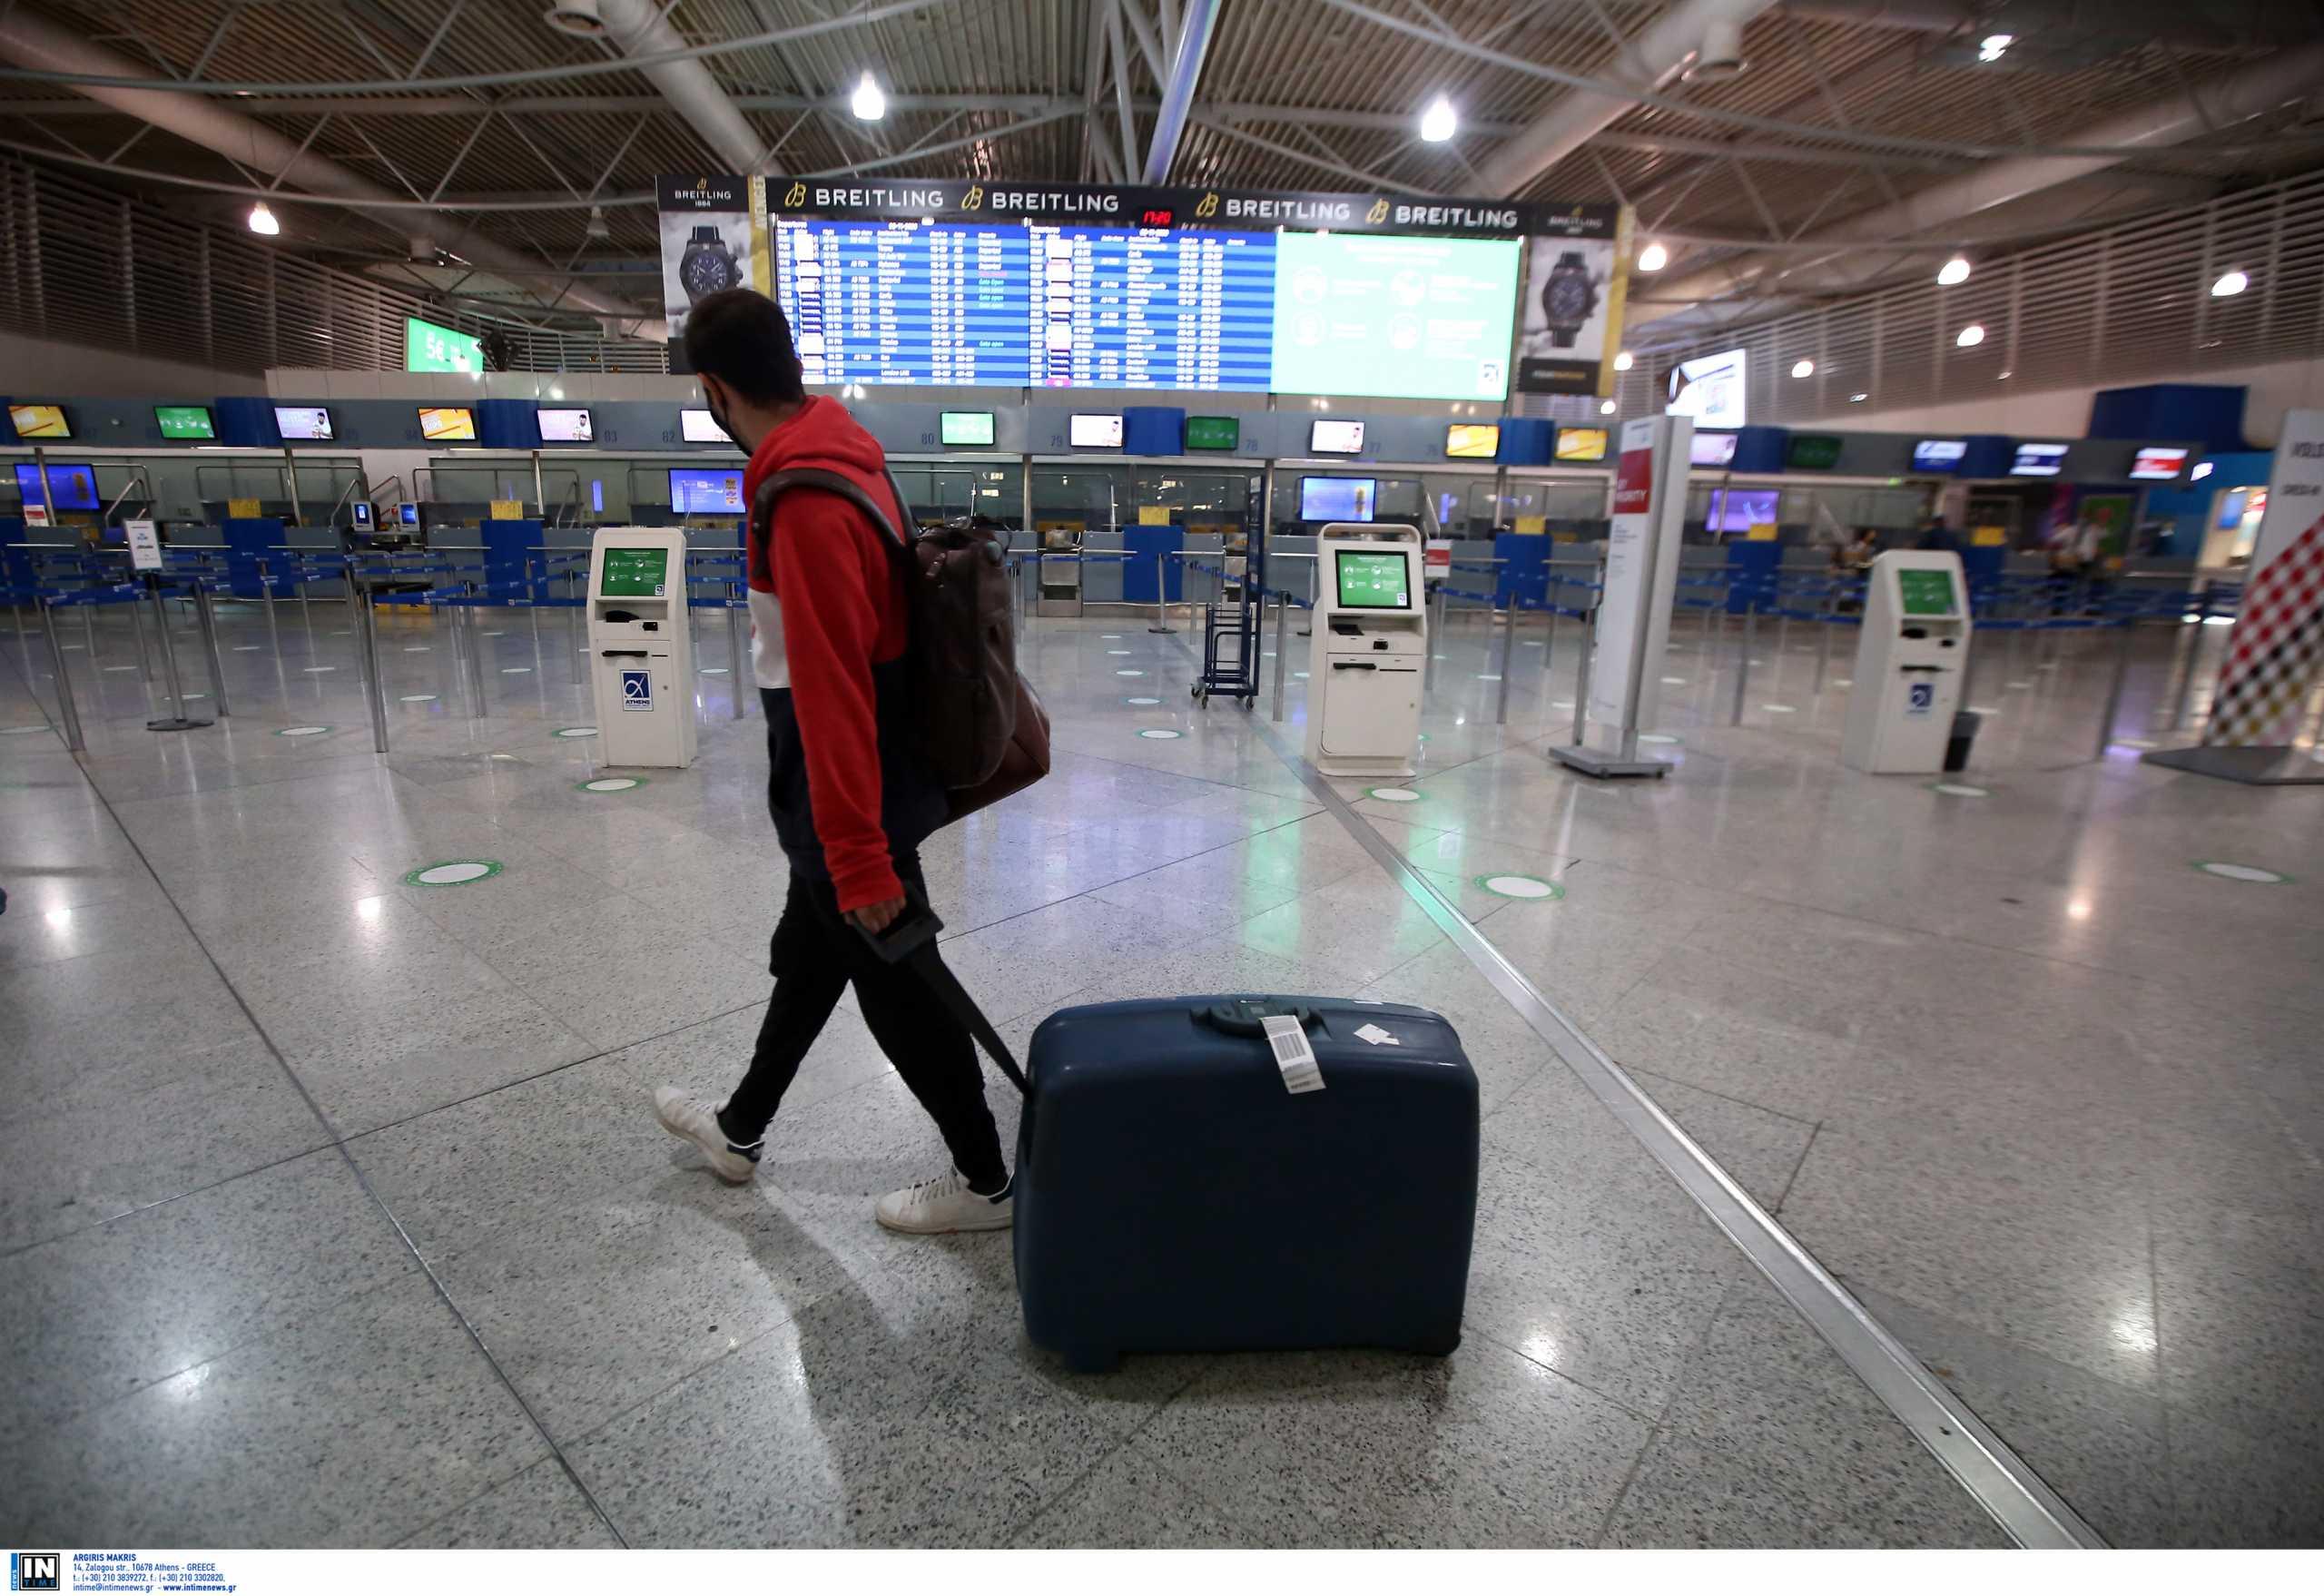 Τροποποίηση NOTAM – Υποχρεωτικό rapid test άφιξης για επιβάτες από Βρετανία και ΗΑΕ